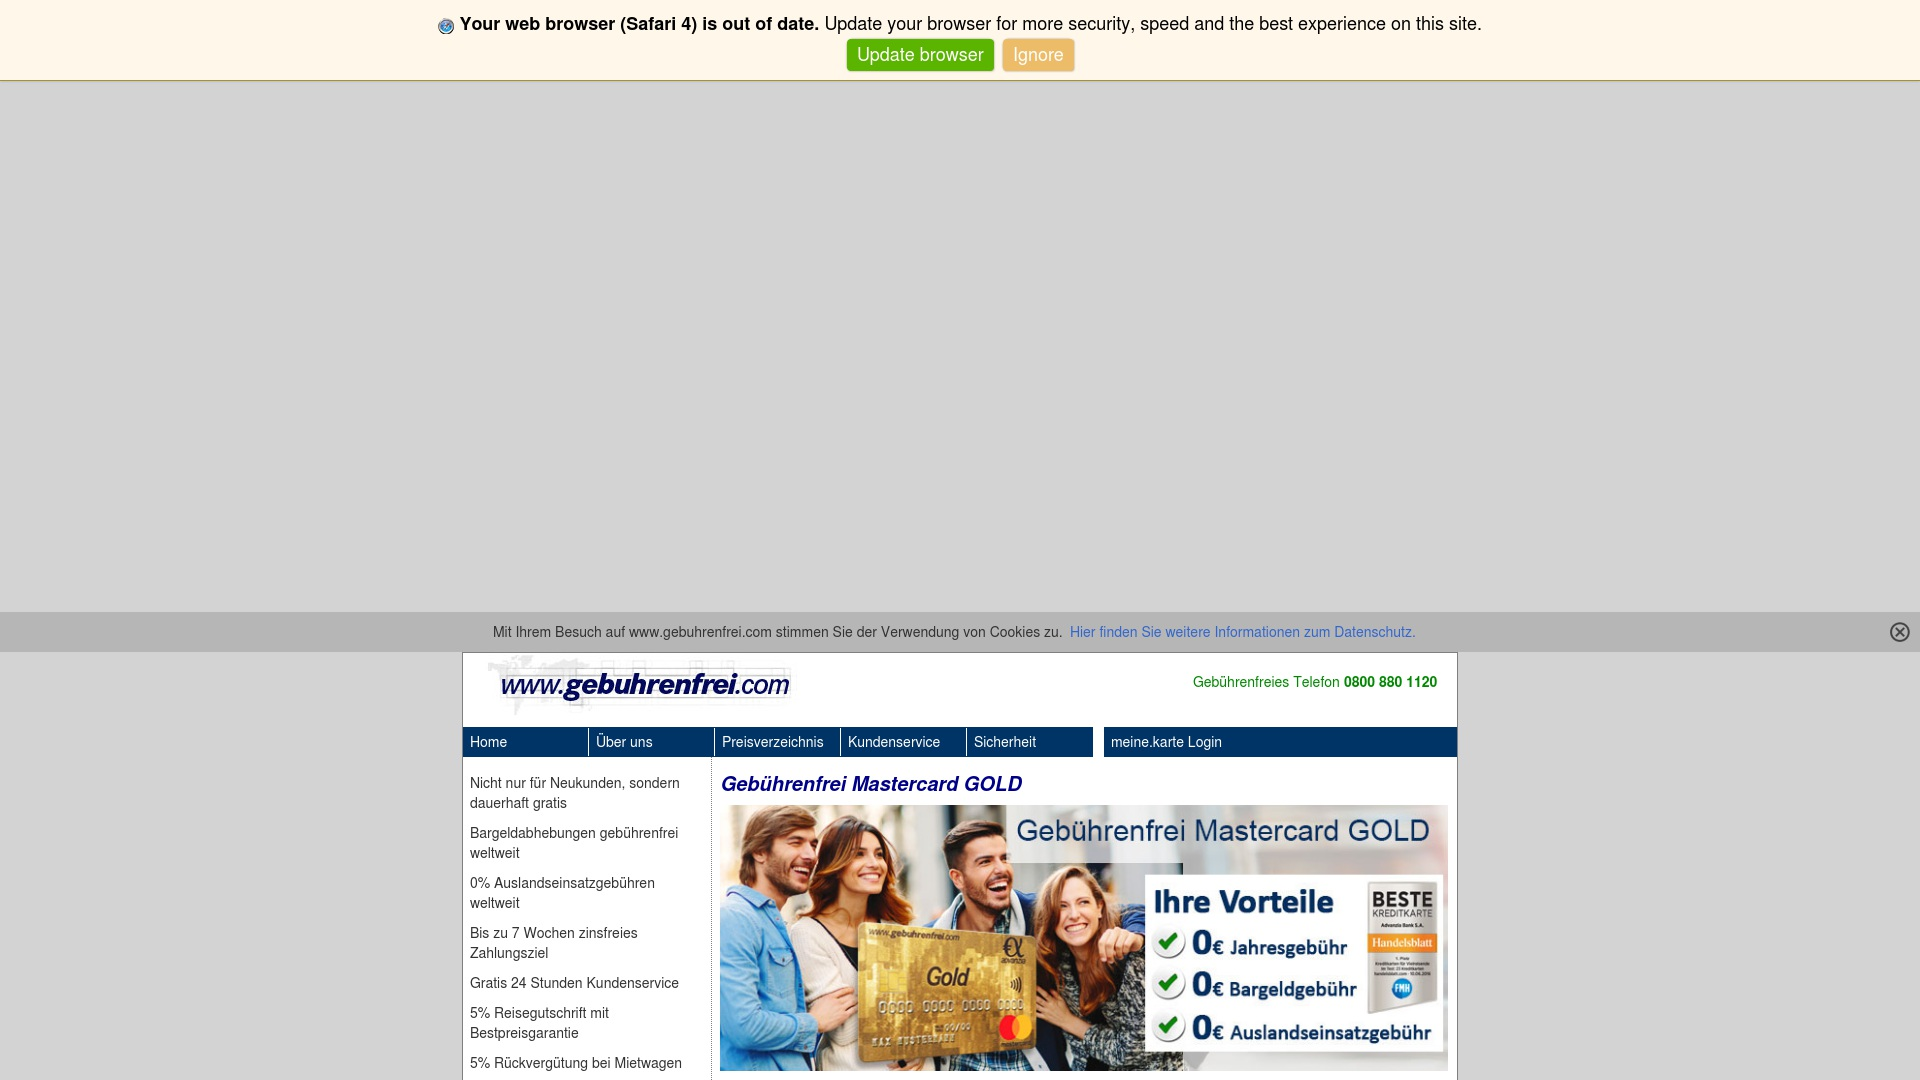 Gutschein für Gebuhrenfrei: Rabatte für  Gebuhrenfrei sichern